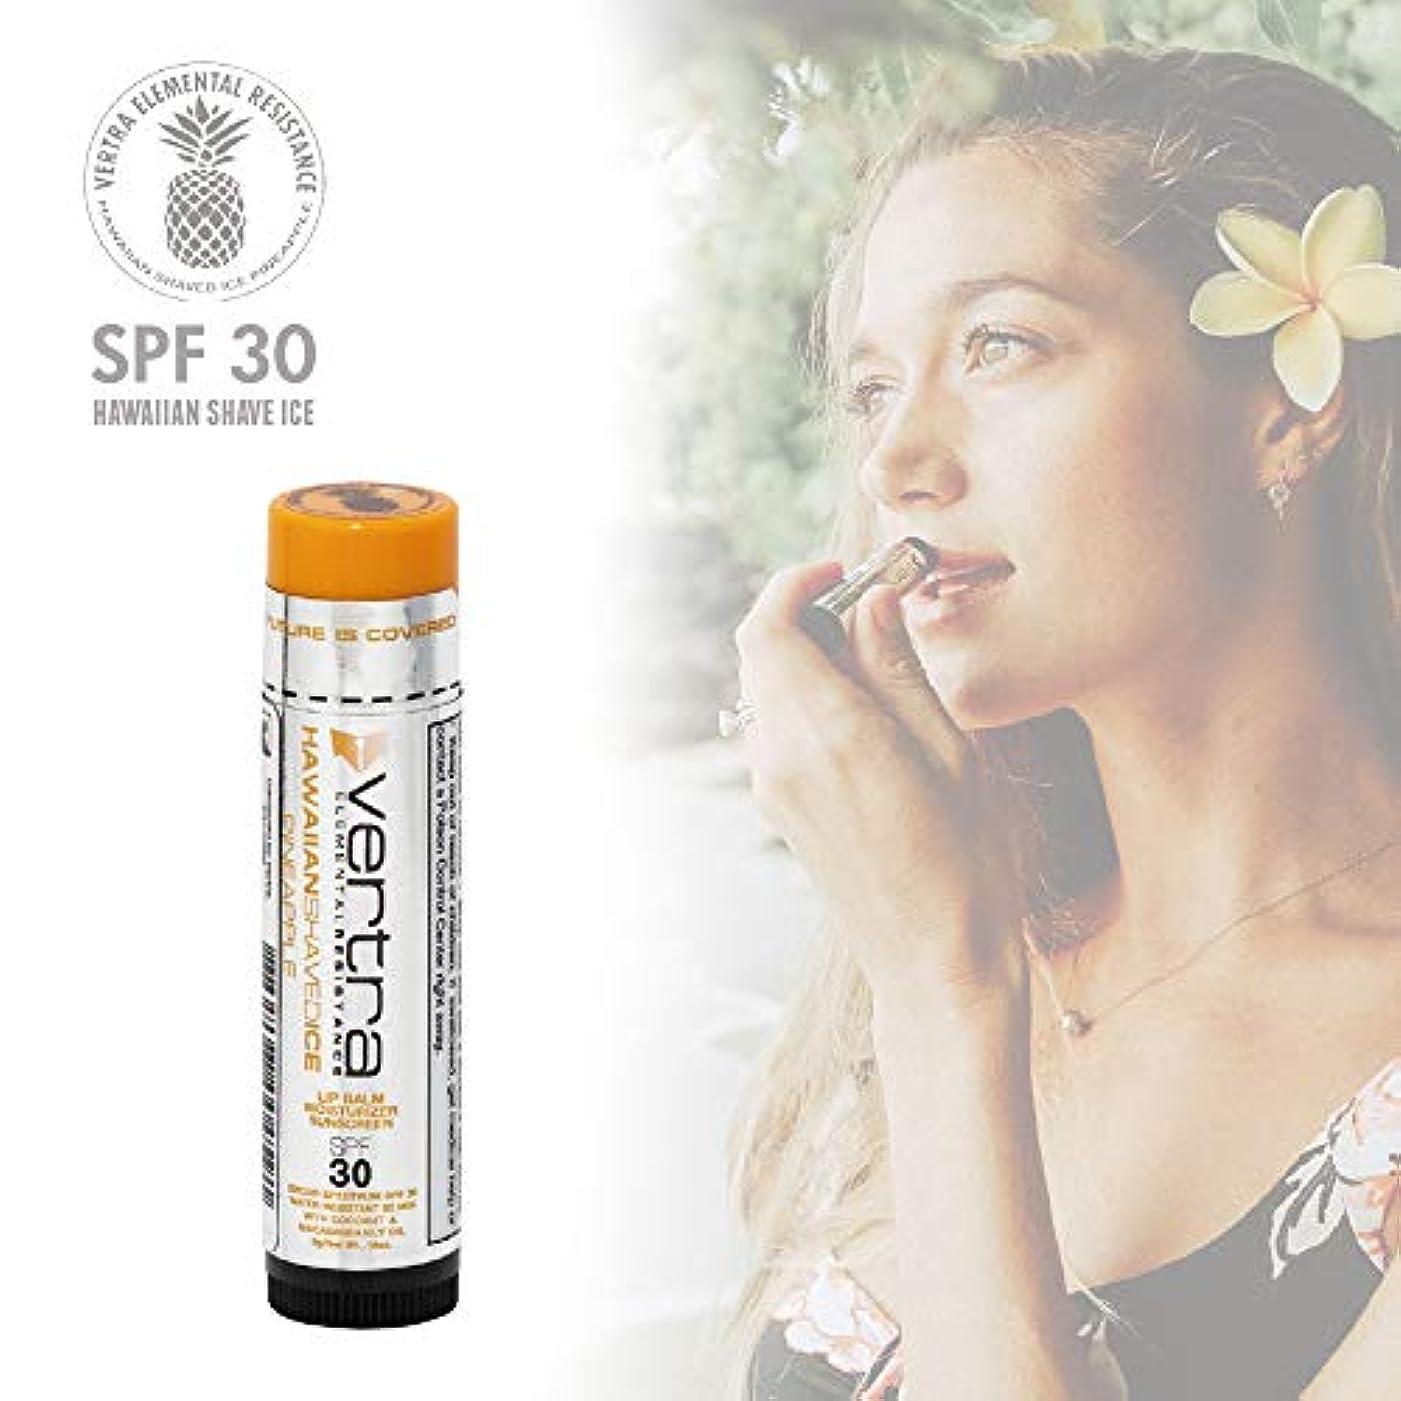 ほこりくるみプールVERTRA (バートラ) リップ 日焼け止め Lip Balm hawaiian shaved ice pineapple SPF30 PA+++